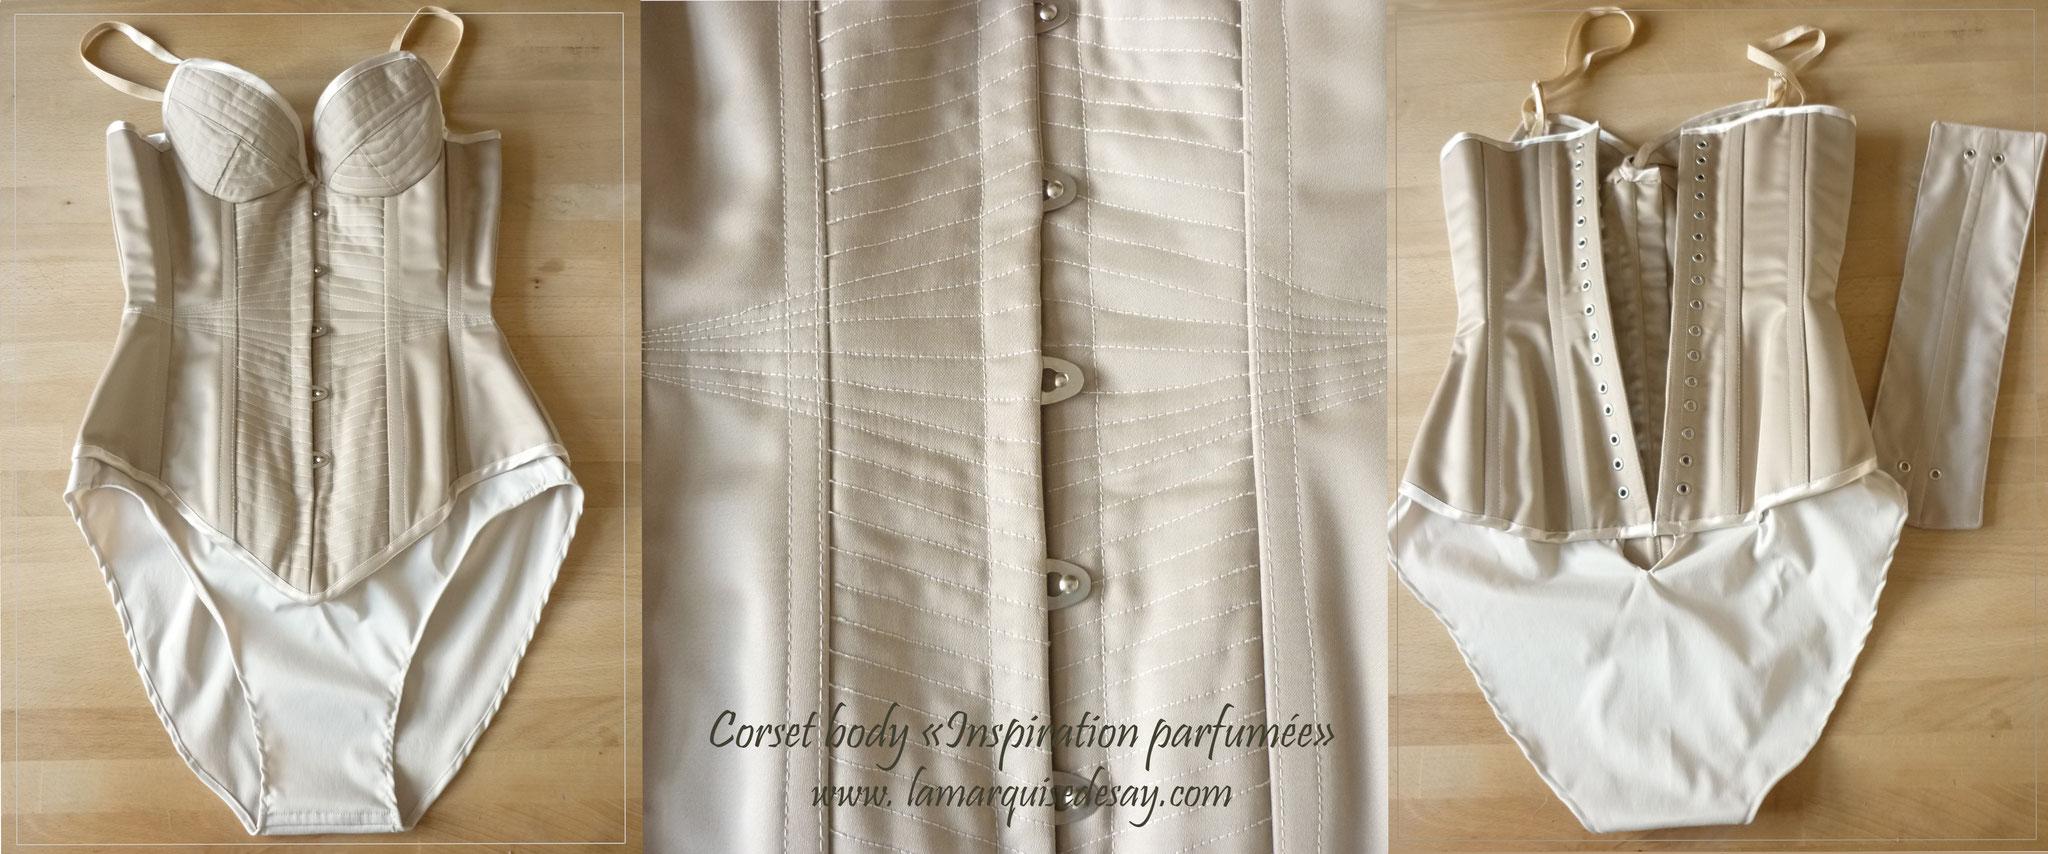 Corset body sur mesure INSPIRATION PARFUMEE - Corset et culotte stretch intégrée